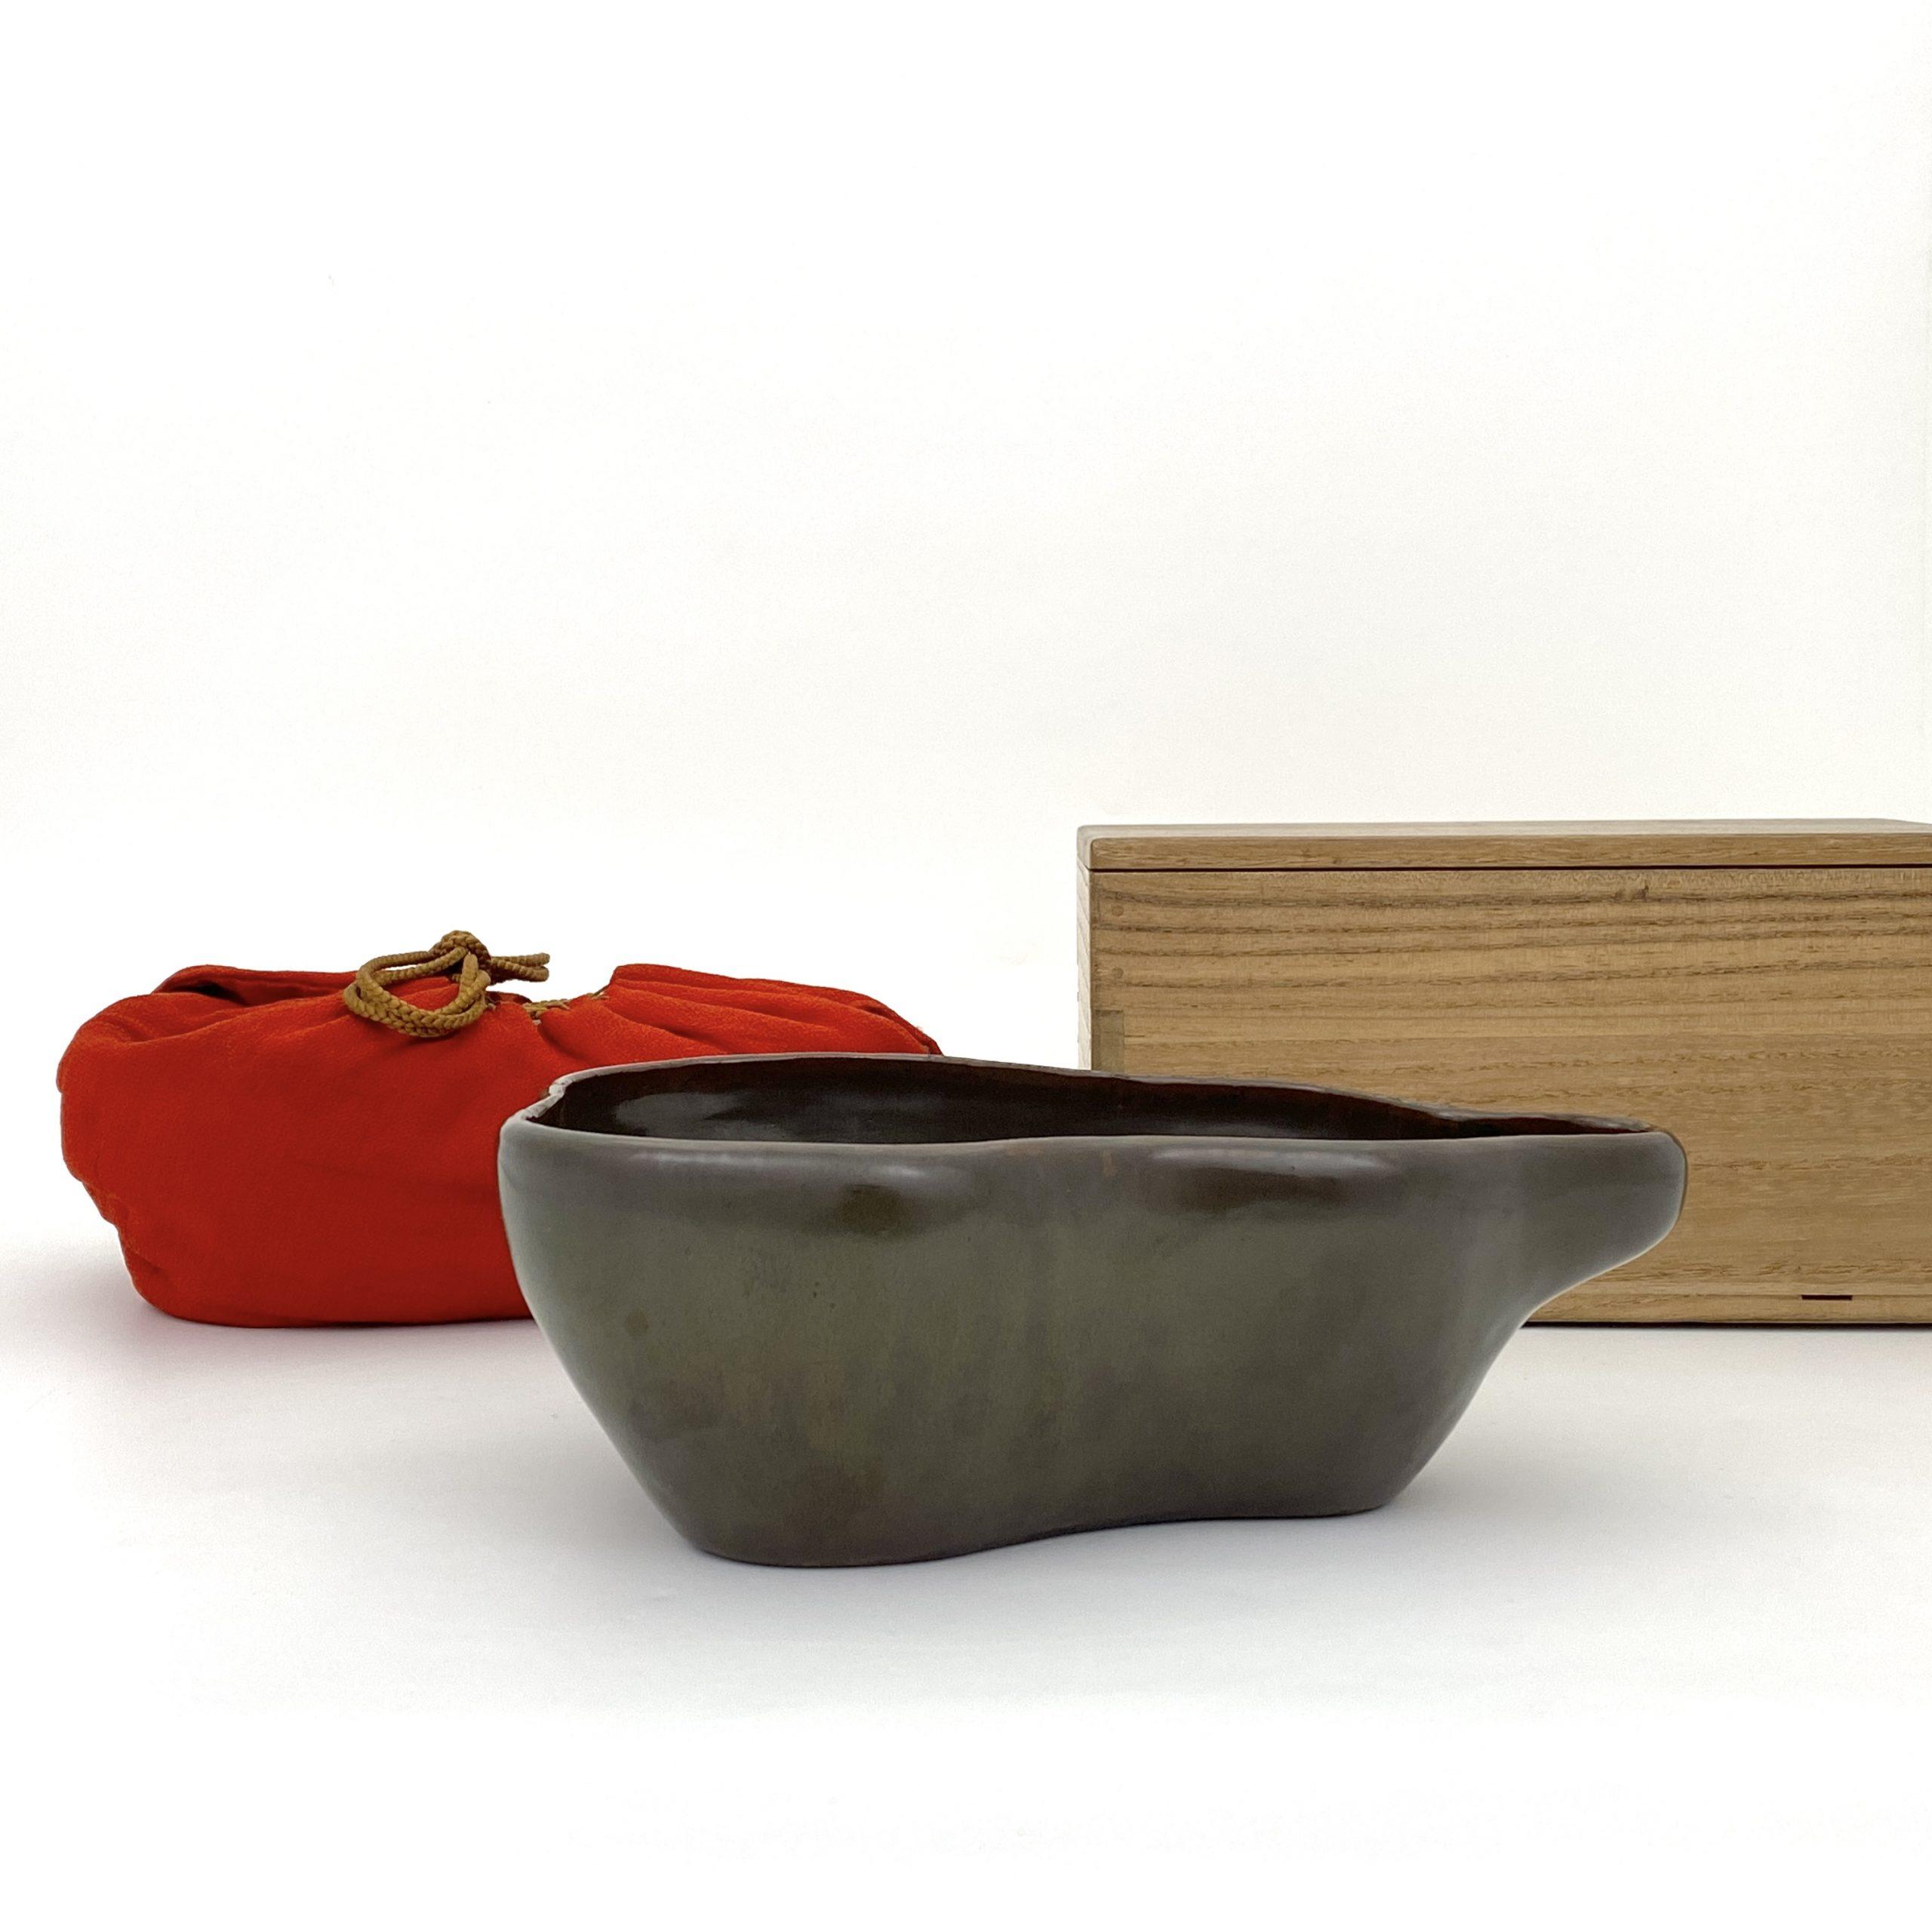 21089清「大明成化年製」款 茶葉末釉 葫蘆形 洗